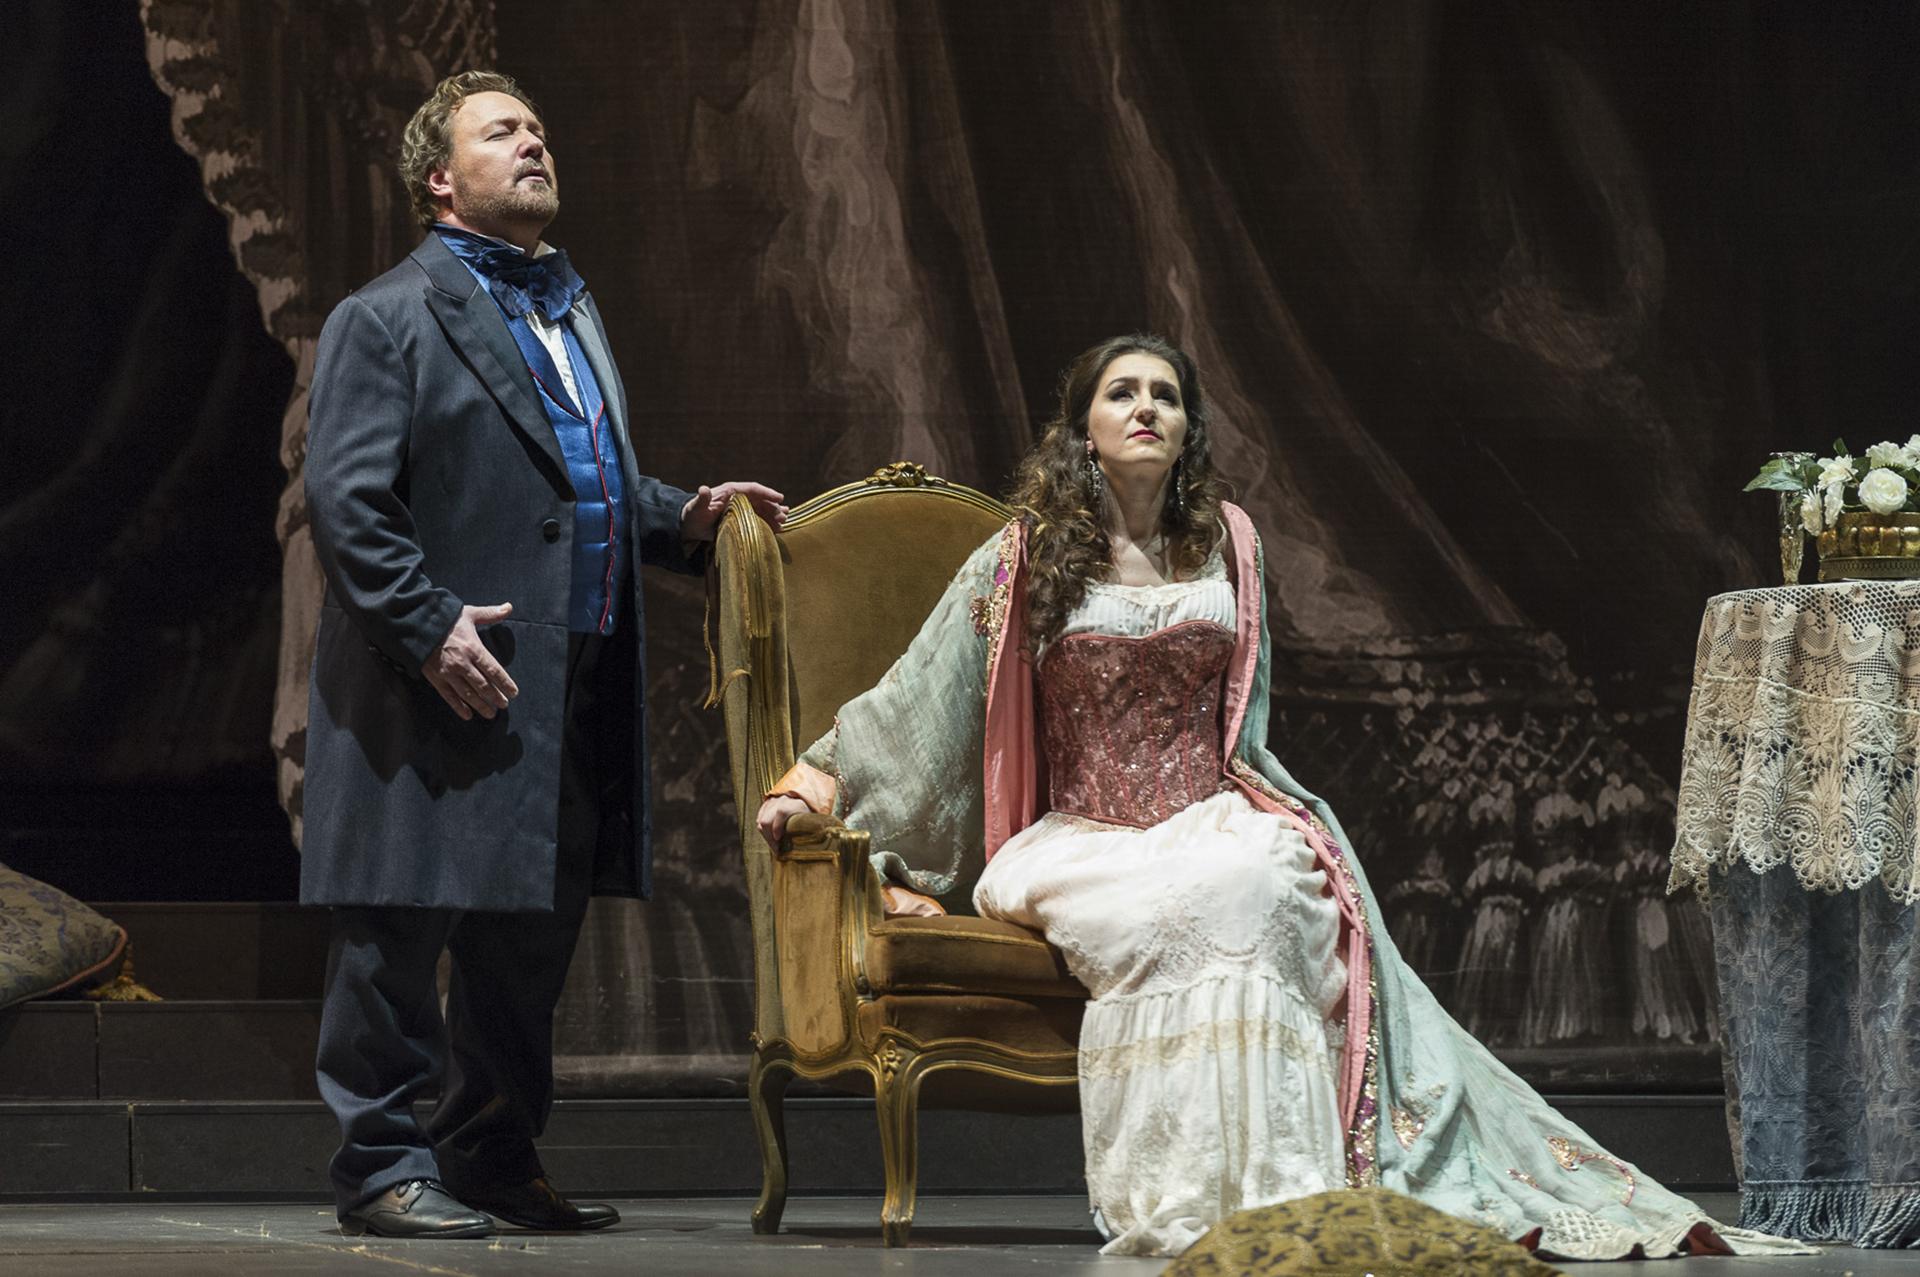 Ermonela Jaho, una de las sopranos más destacadas de la escena lírica internacional, que canta por primera vez en el escenario del Teatro Colón interpretando a Violeta, la cortesana que muere en el desamor y que es, a su vez, una de las grandes heroínas del género operístico y literario